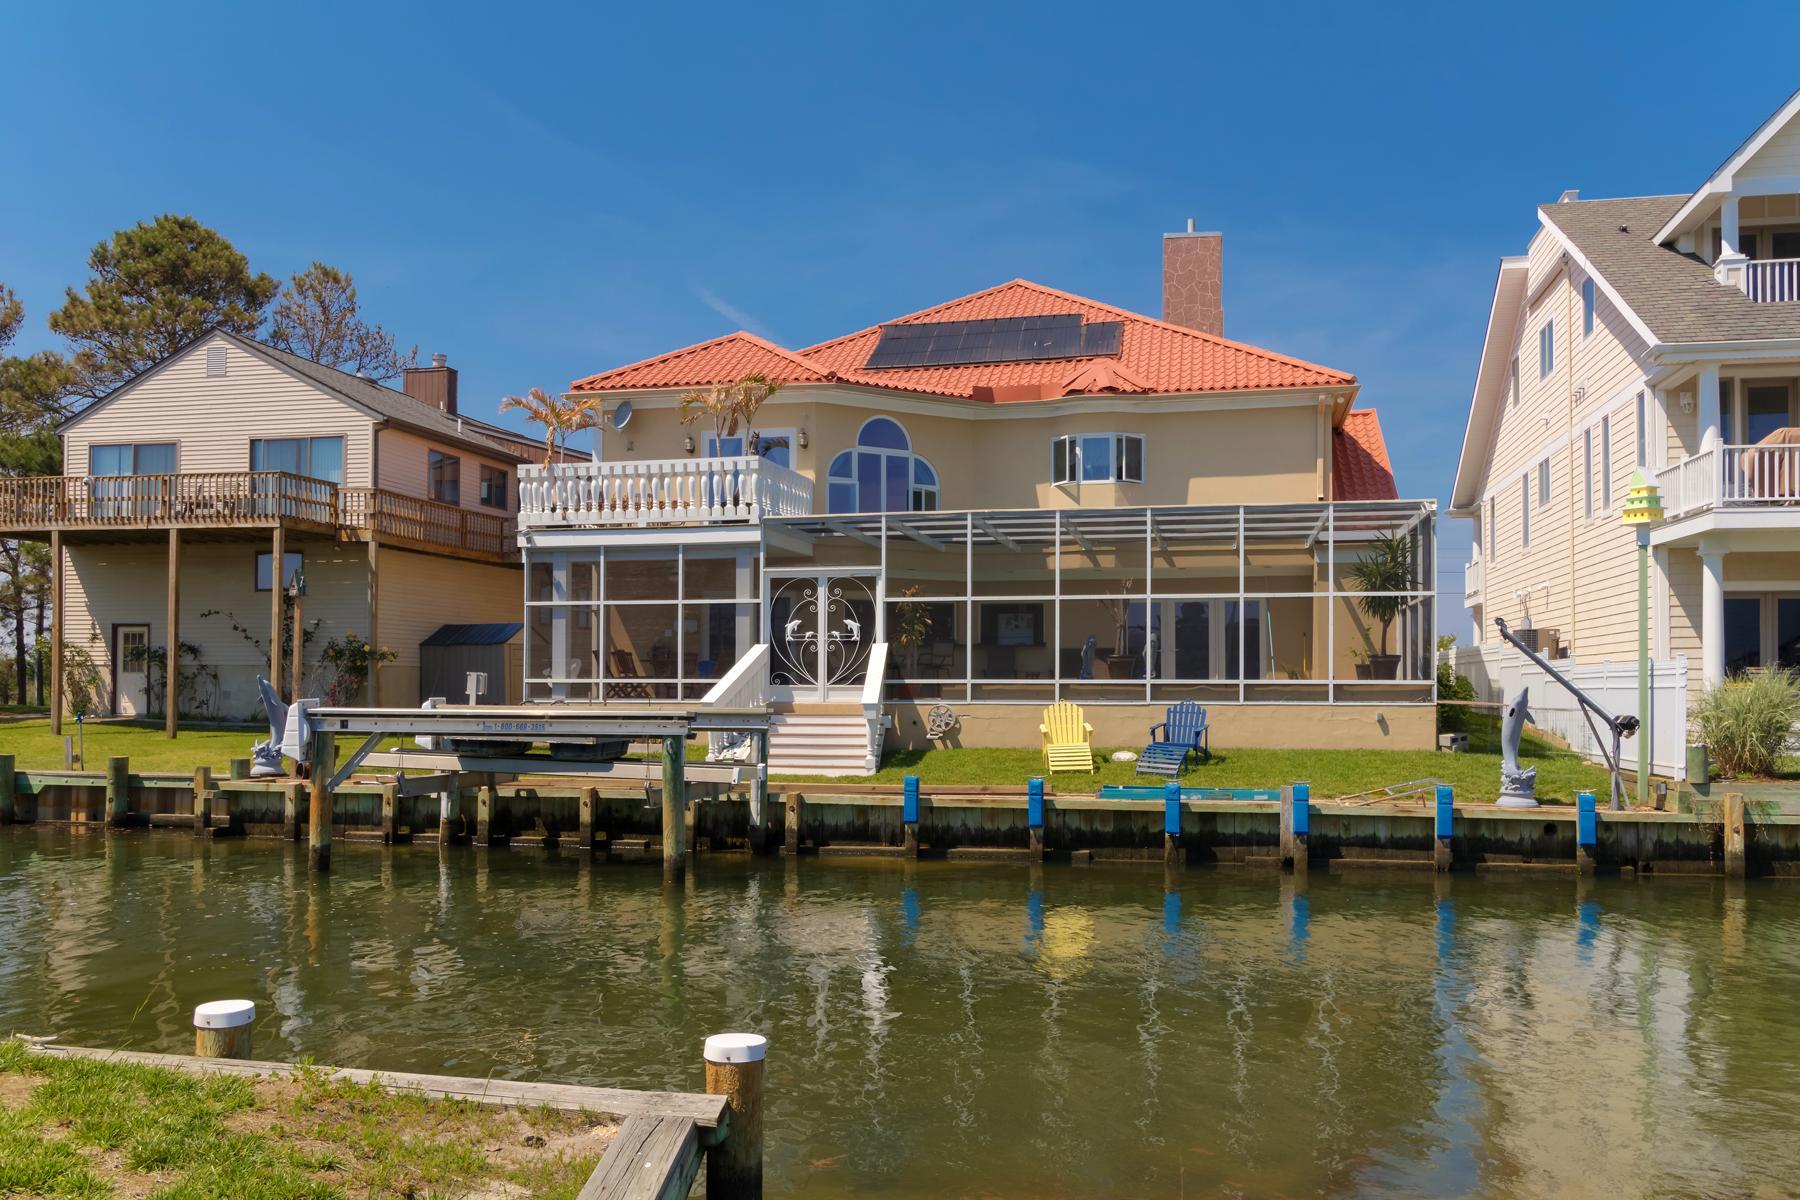 Casa Unifamiliar por un Venta en 12608 Selsey Rd, Ocean City, MD 21842 Ocean City, Maryland, 21842 Estados Unidos